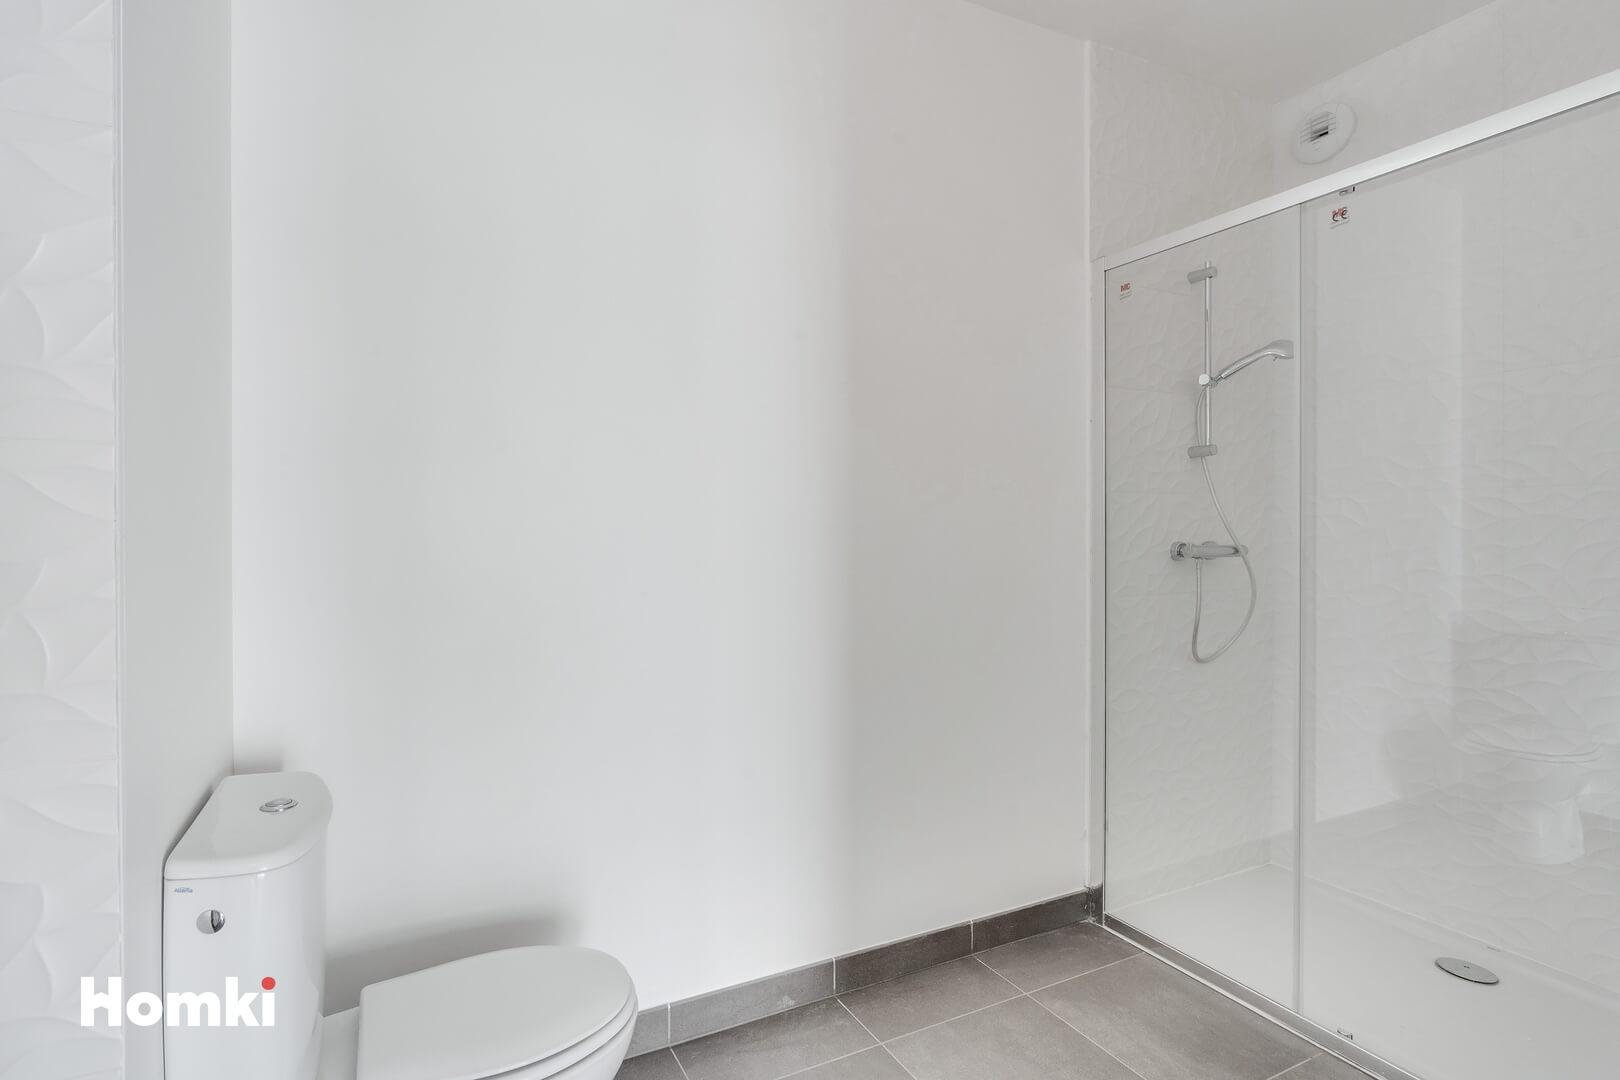 Homki - Vente Appartement  de 35.95 m² à Le Bouscat 33110